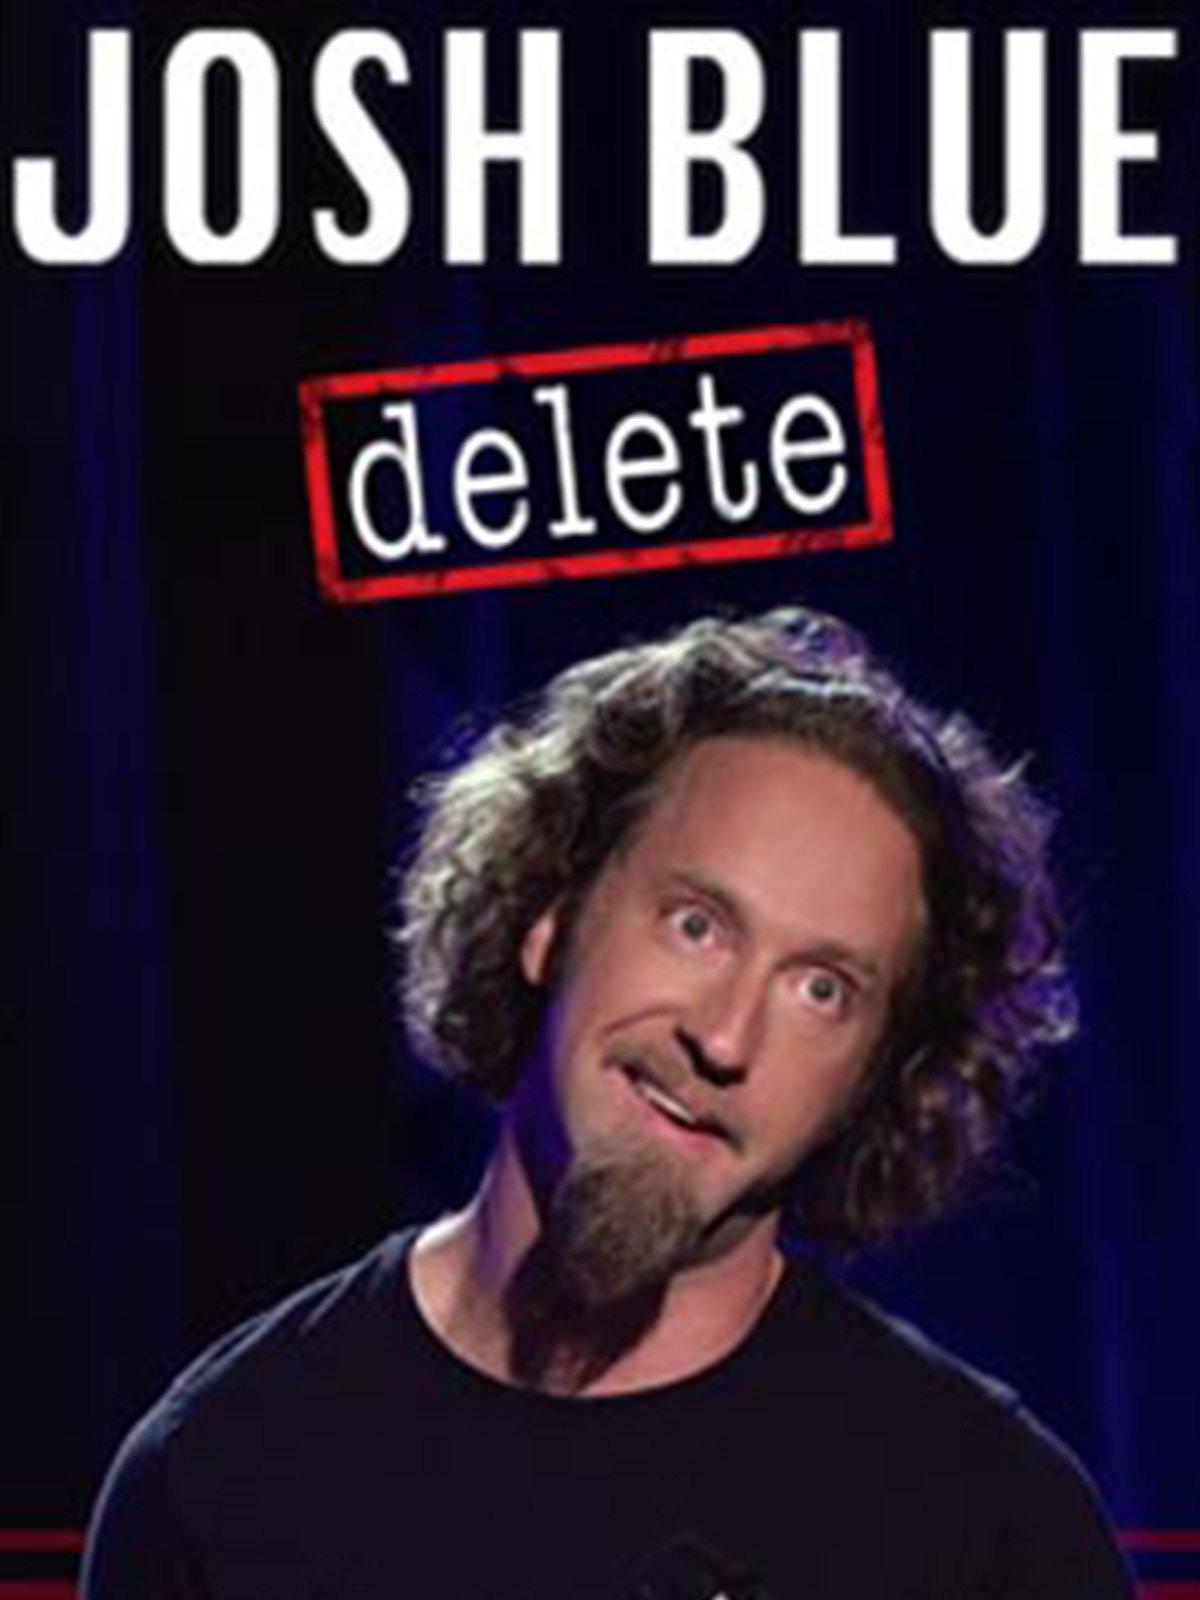 Josh Blue: Delete